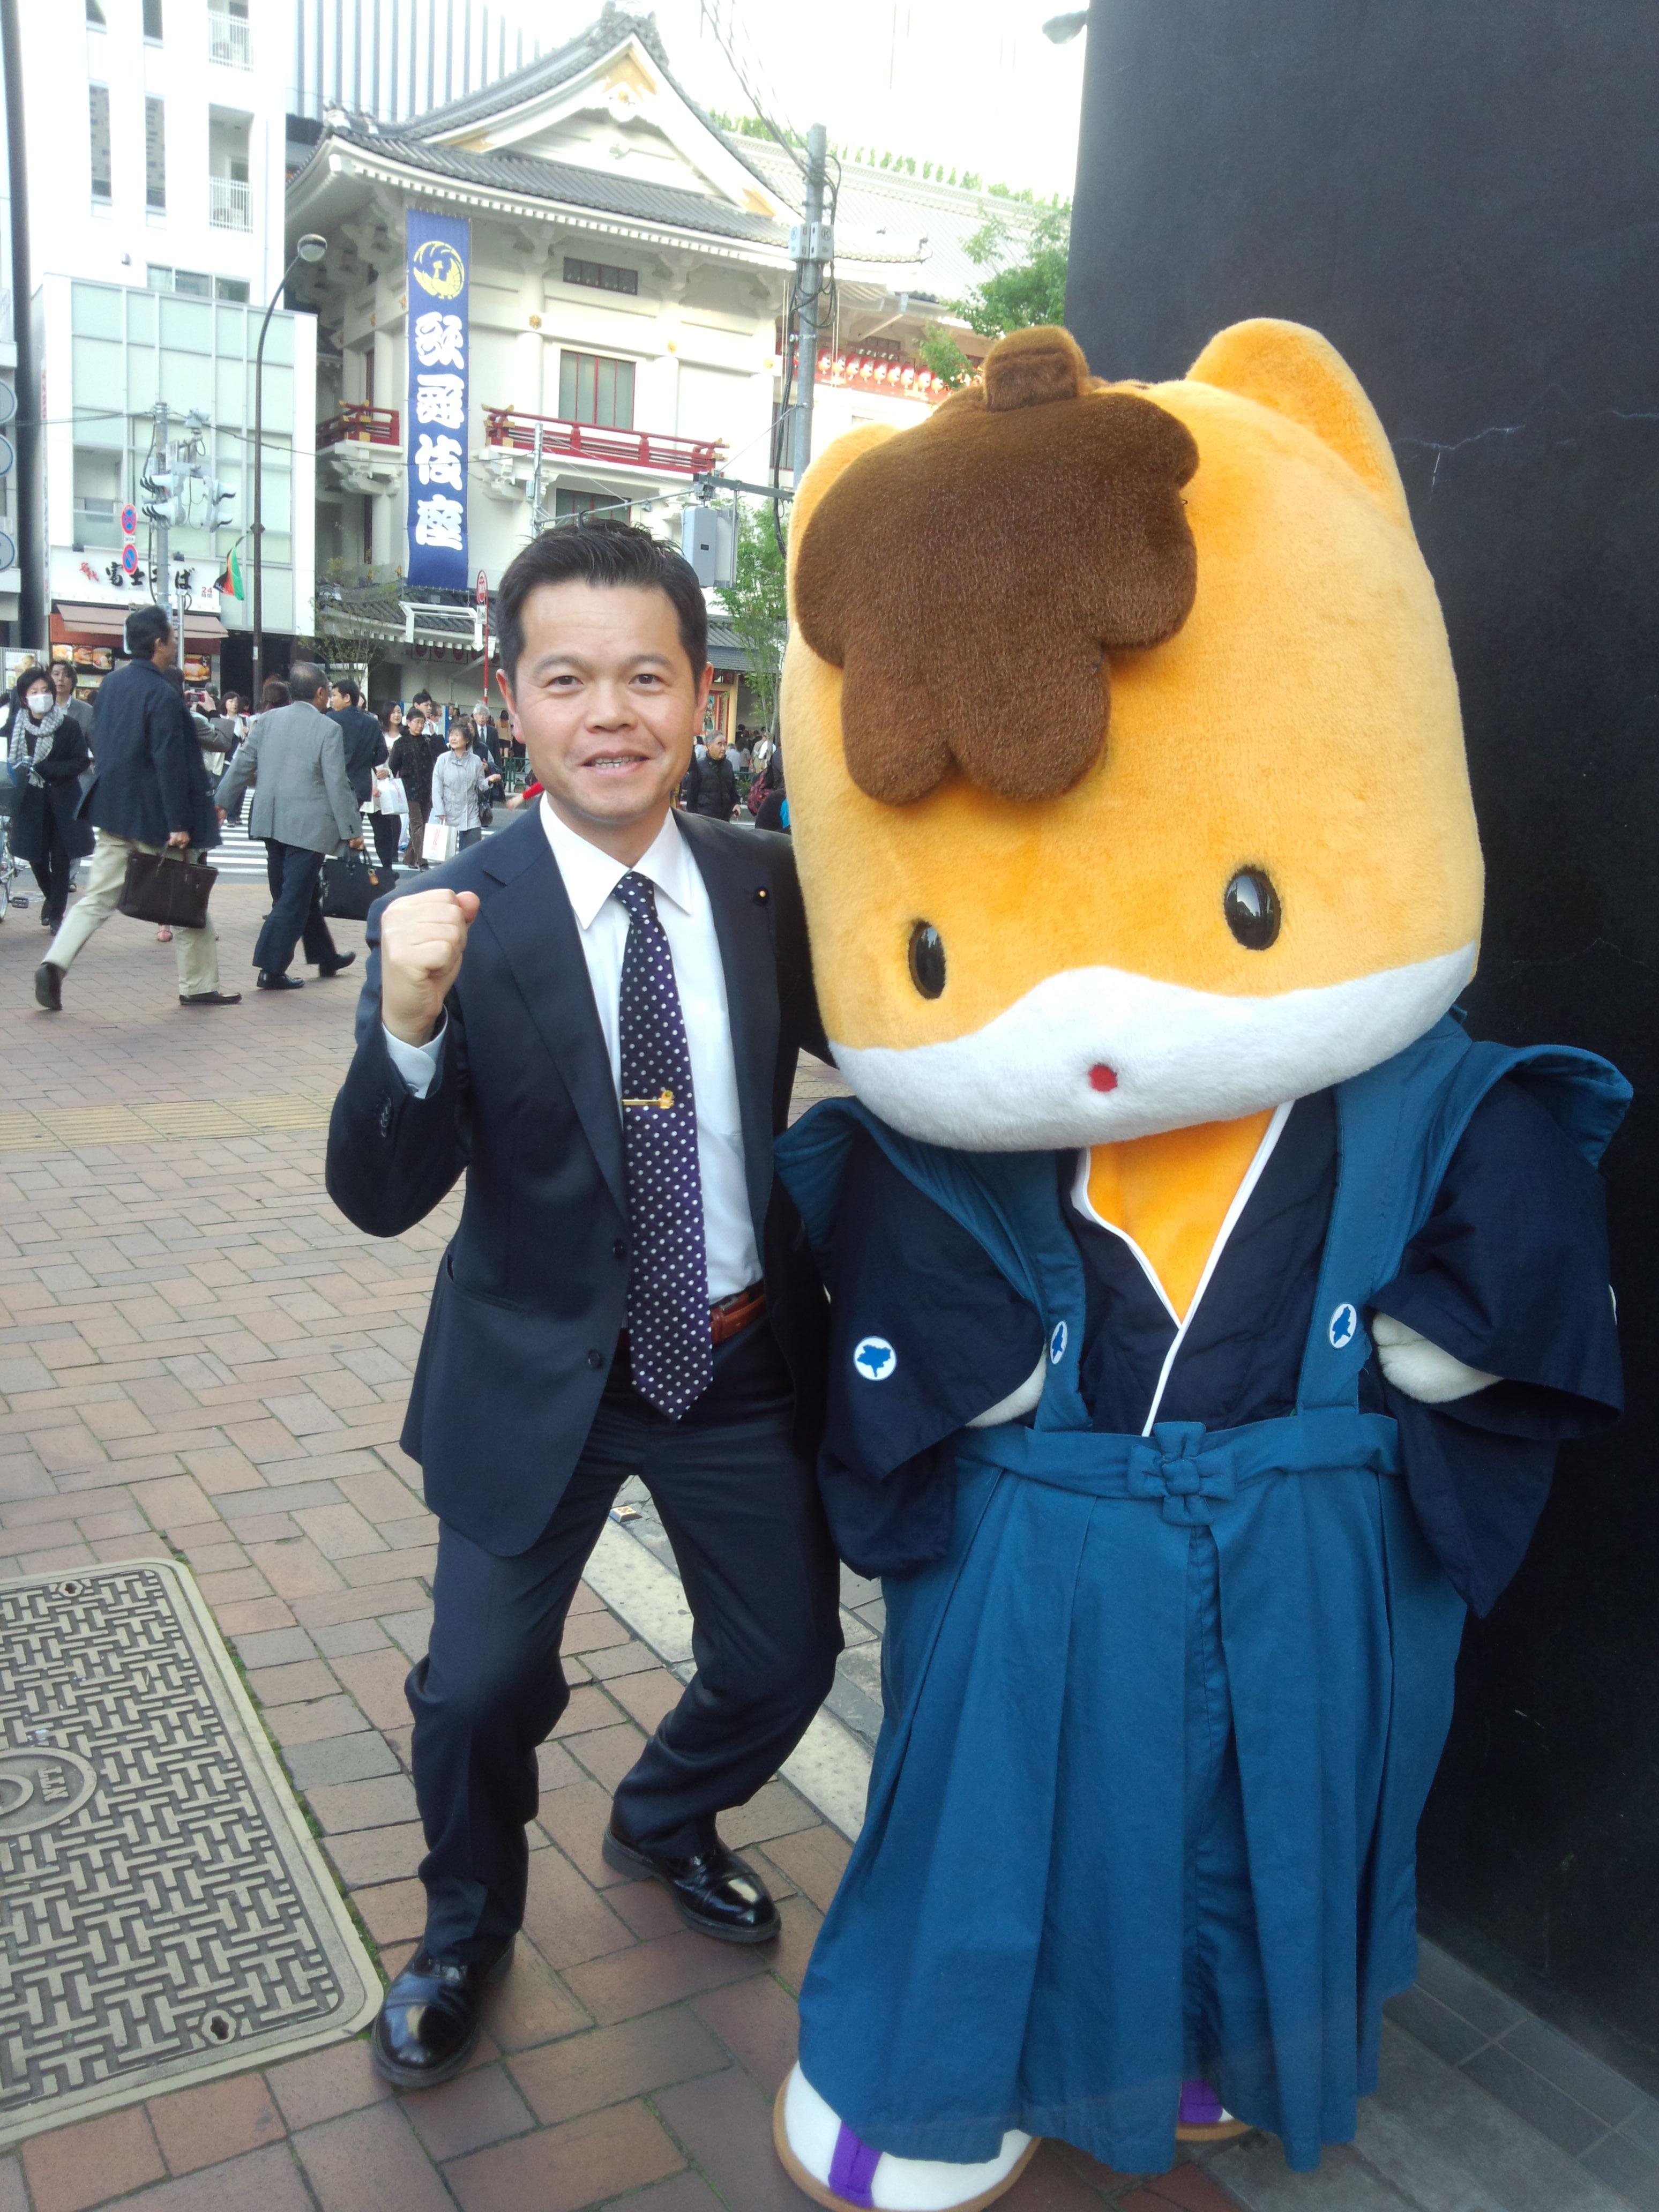 ぐんまちゃん・群馬県のマスコットキャラクター